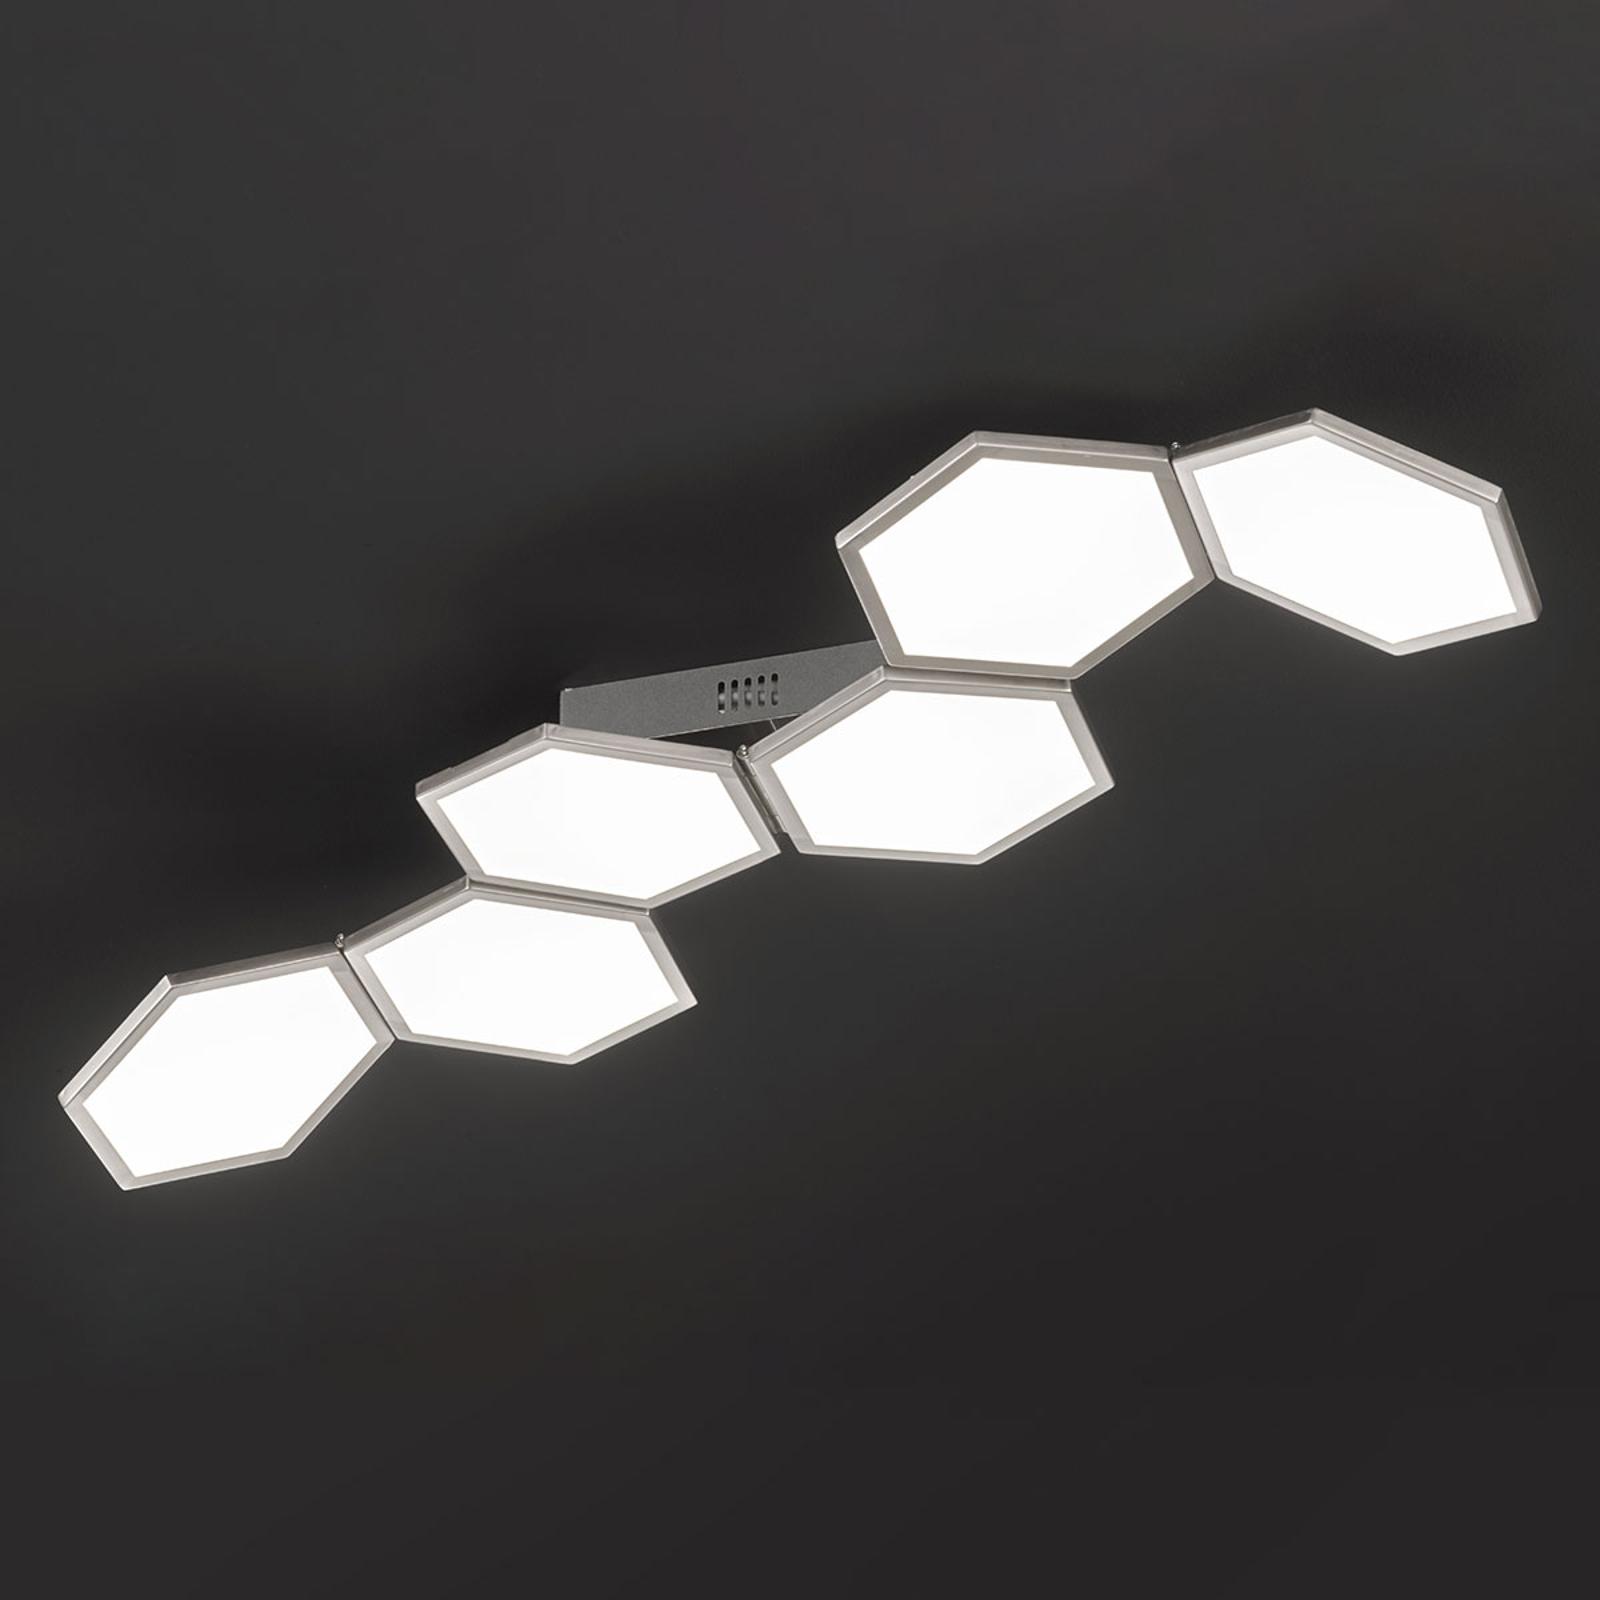 Himmennettävä LED-kattovalo Signe, säädettävä